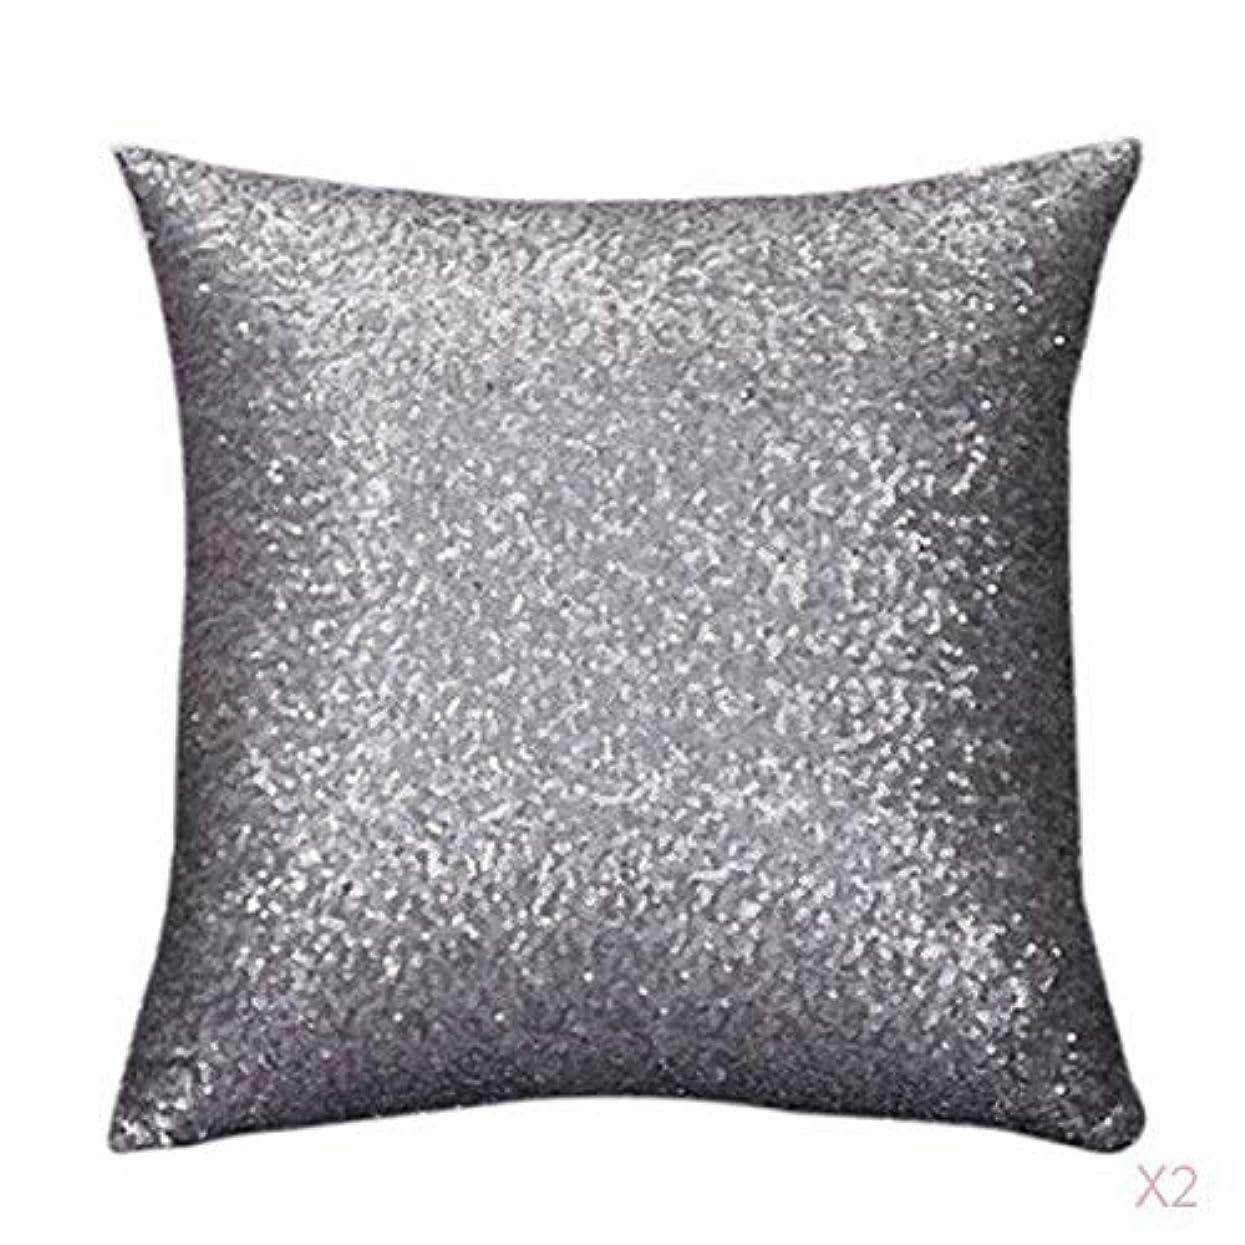 観察花火許容できるファンシースパンコールソファスクエア枕クッションカバーケースは、ホームインテリアグレーを投げます